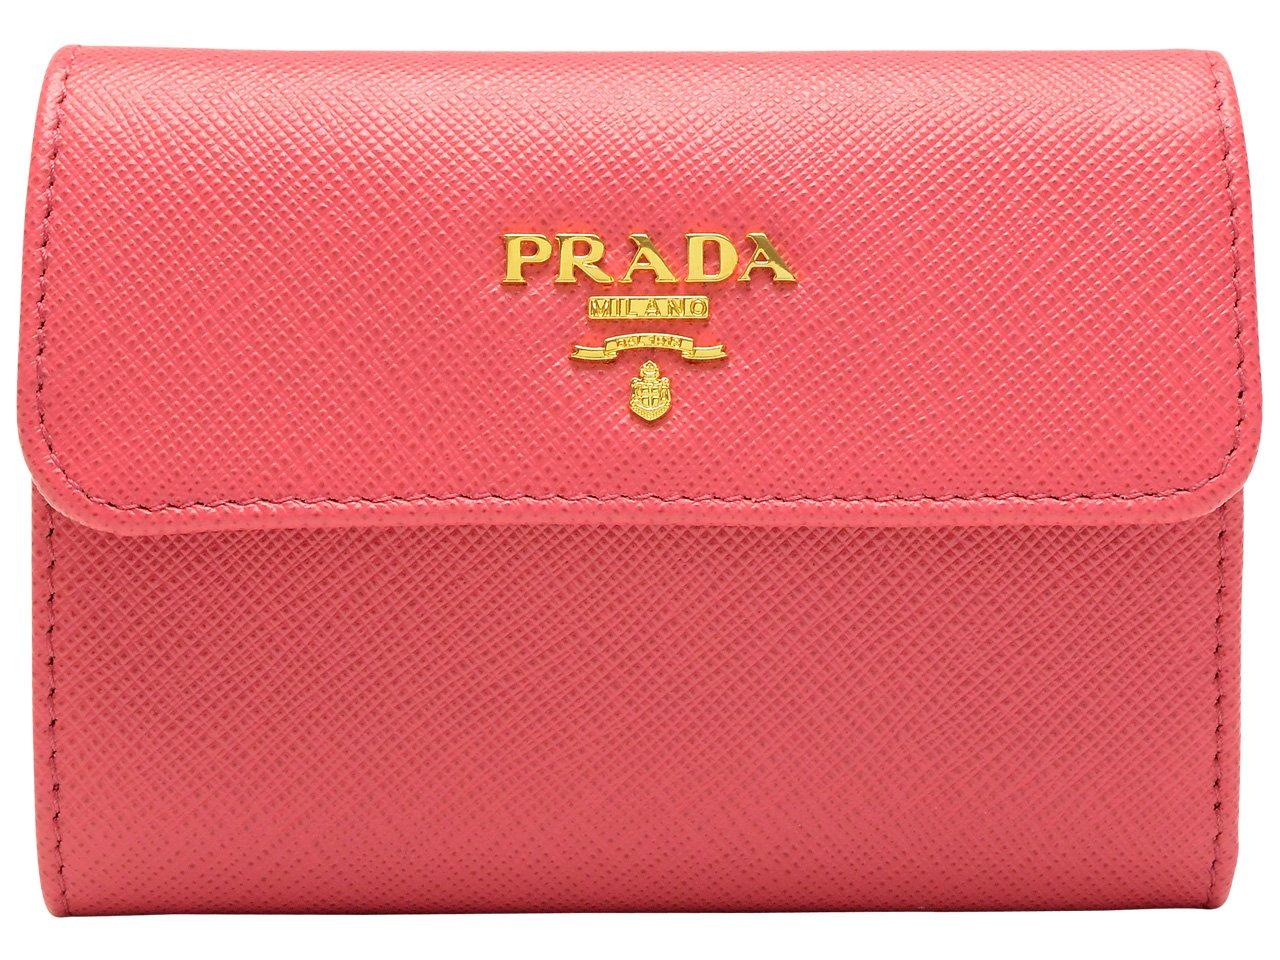 (プラダ) PRADA 財布 三つ折り レザー 1MH840 ブランド[並行輸入品] B01HCLGPJY ピオニア ピオニア